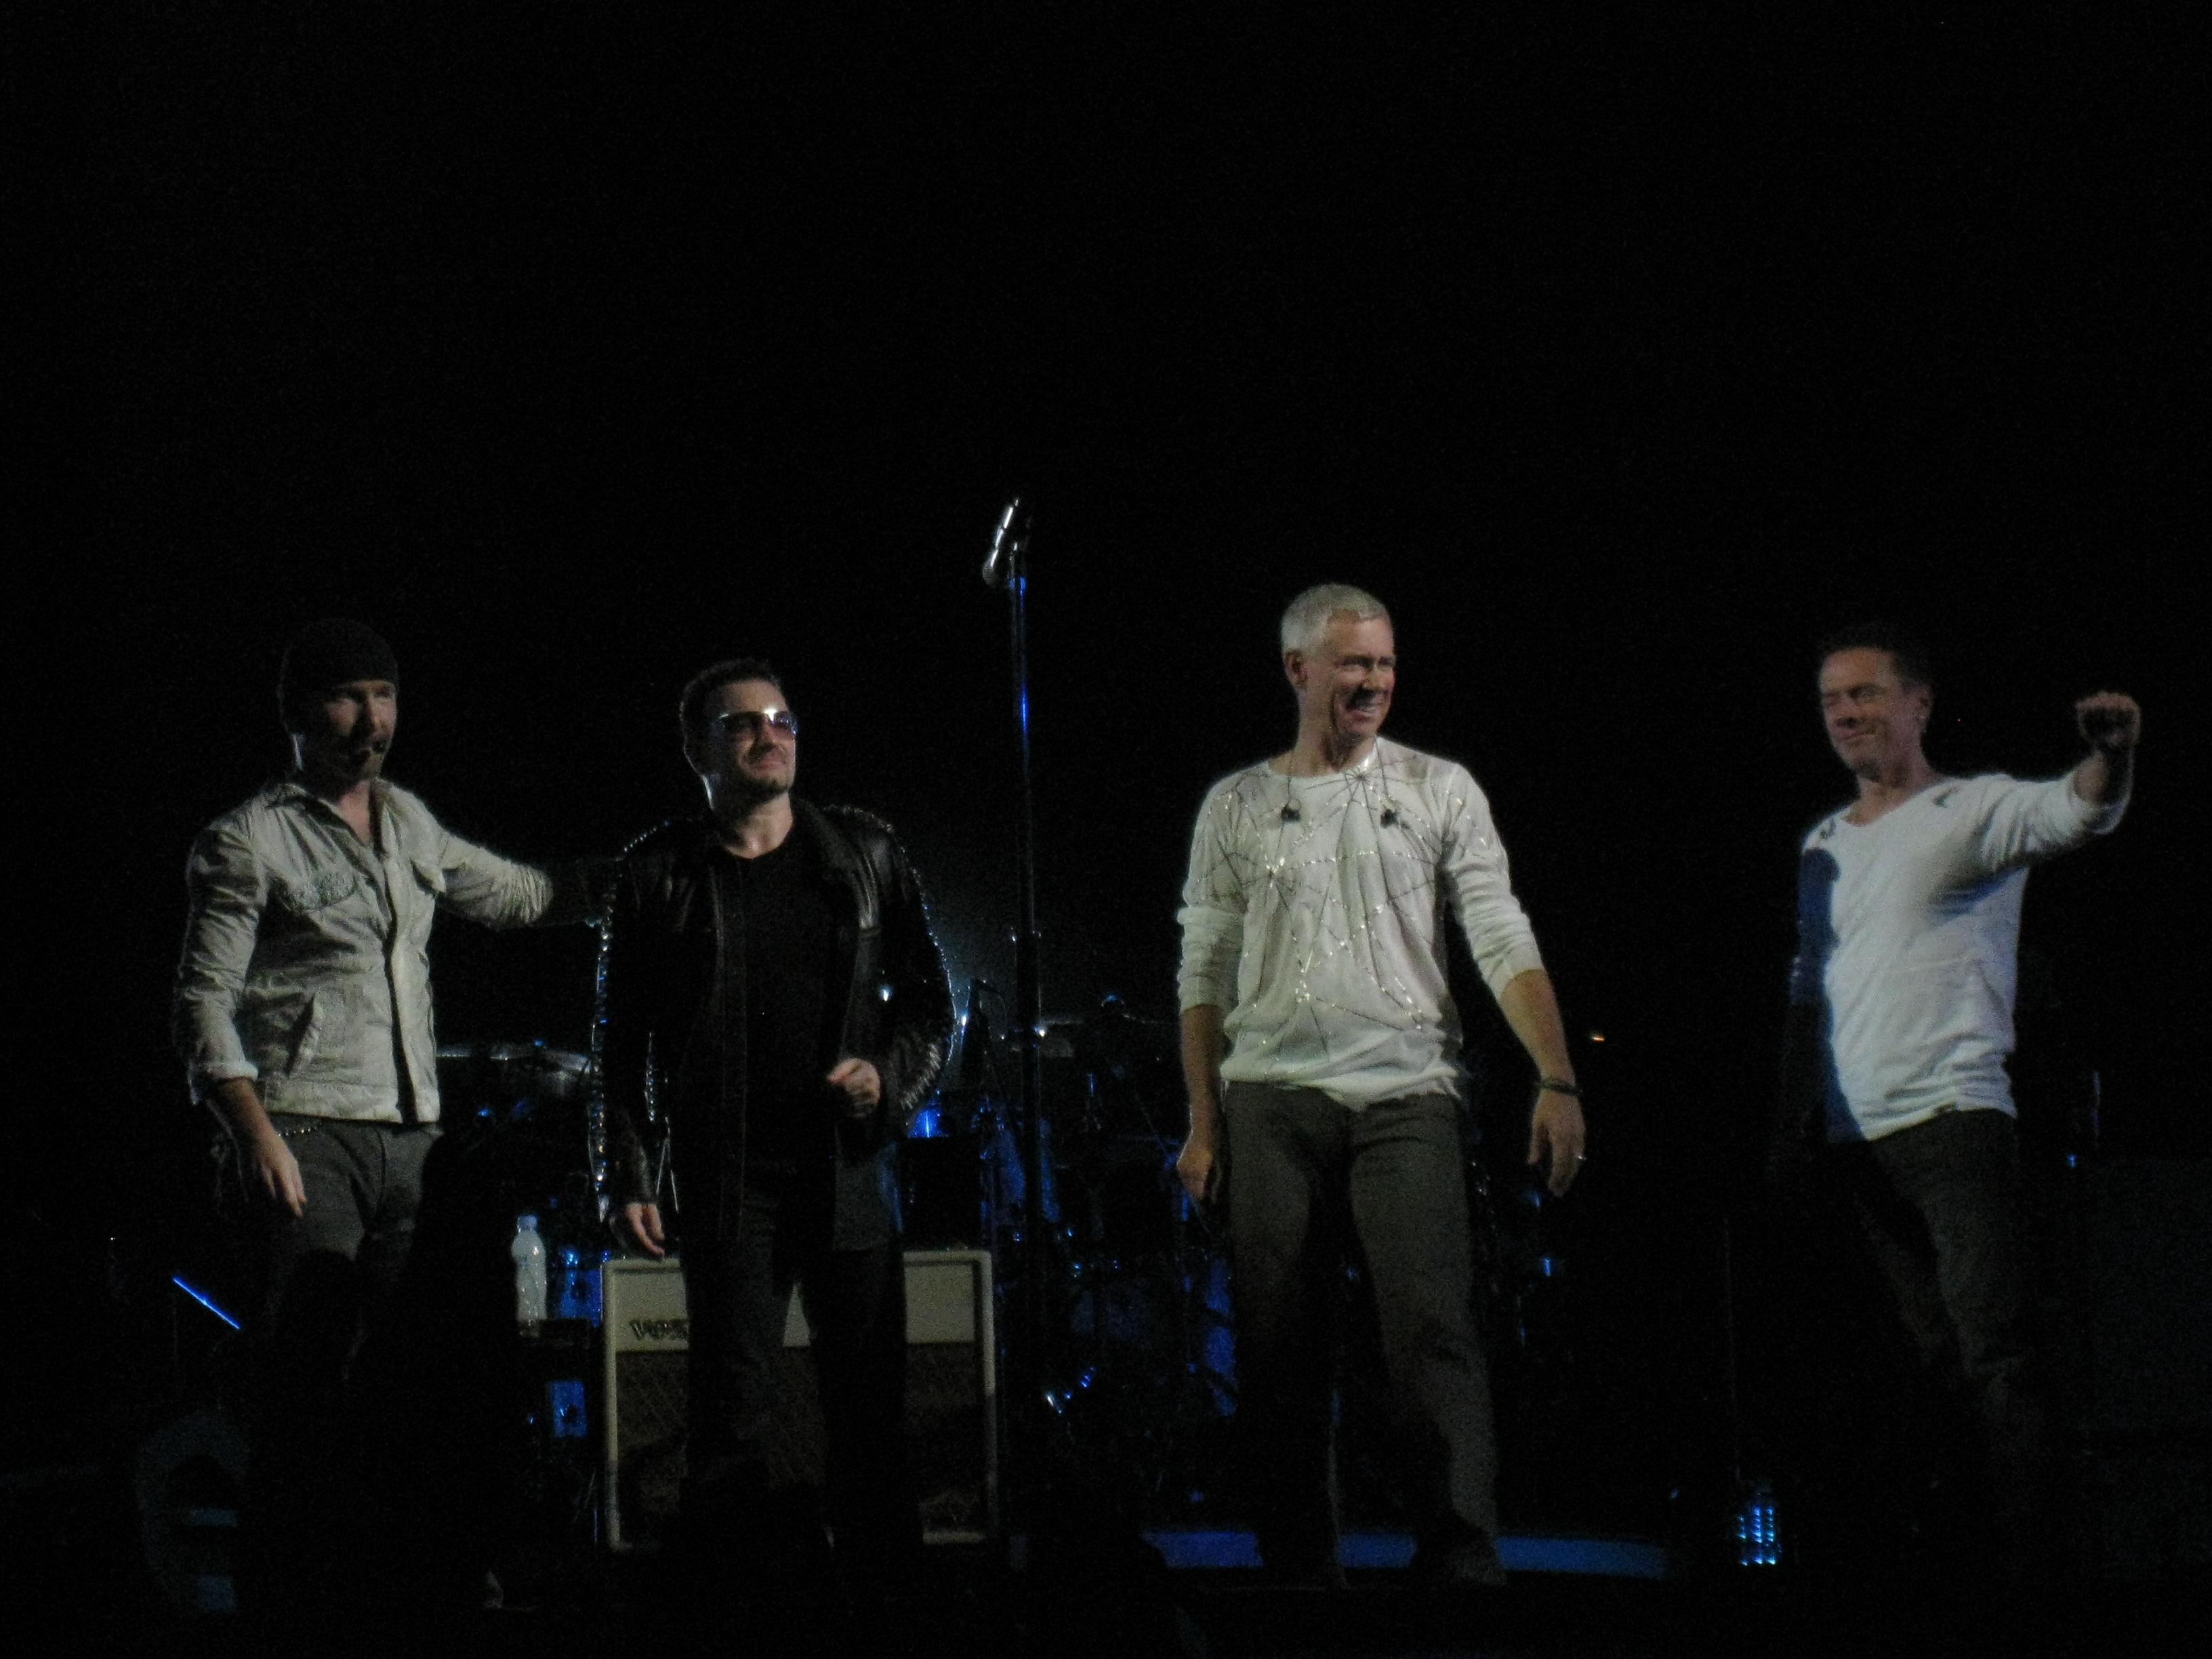 Depiction of U2